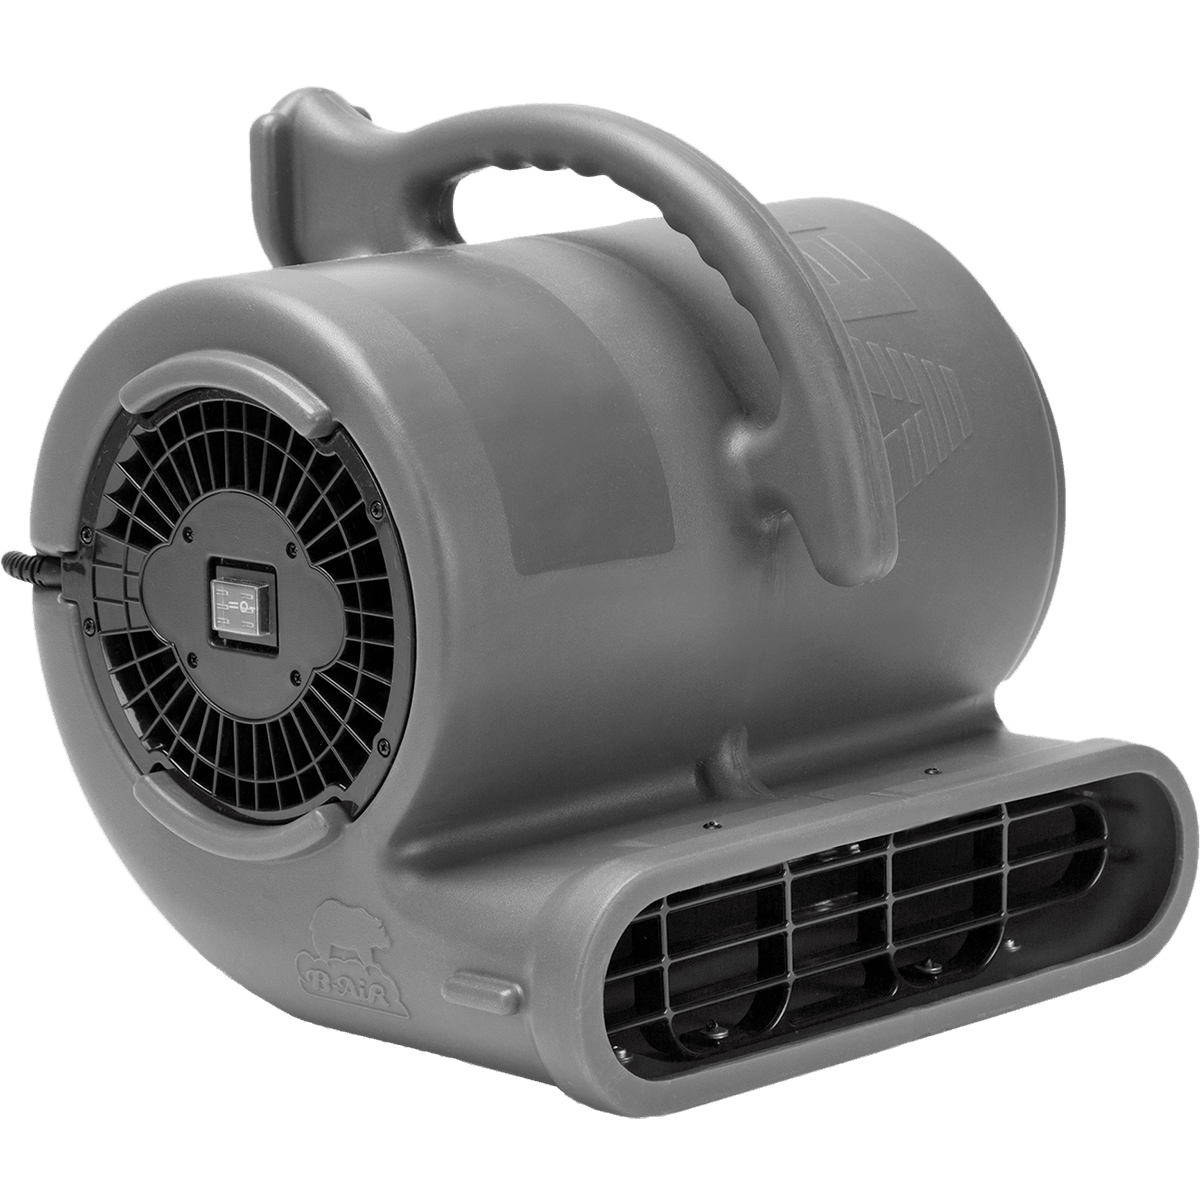 B-air Vp-50 Air Mover